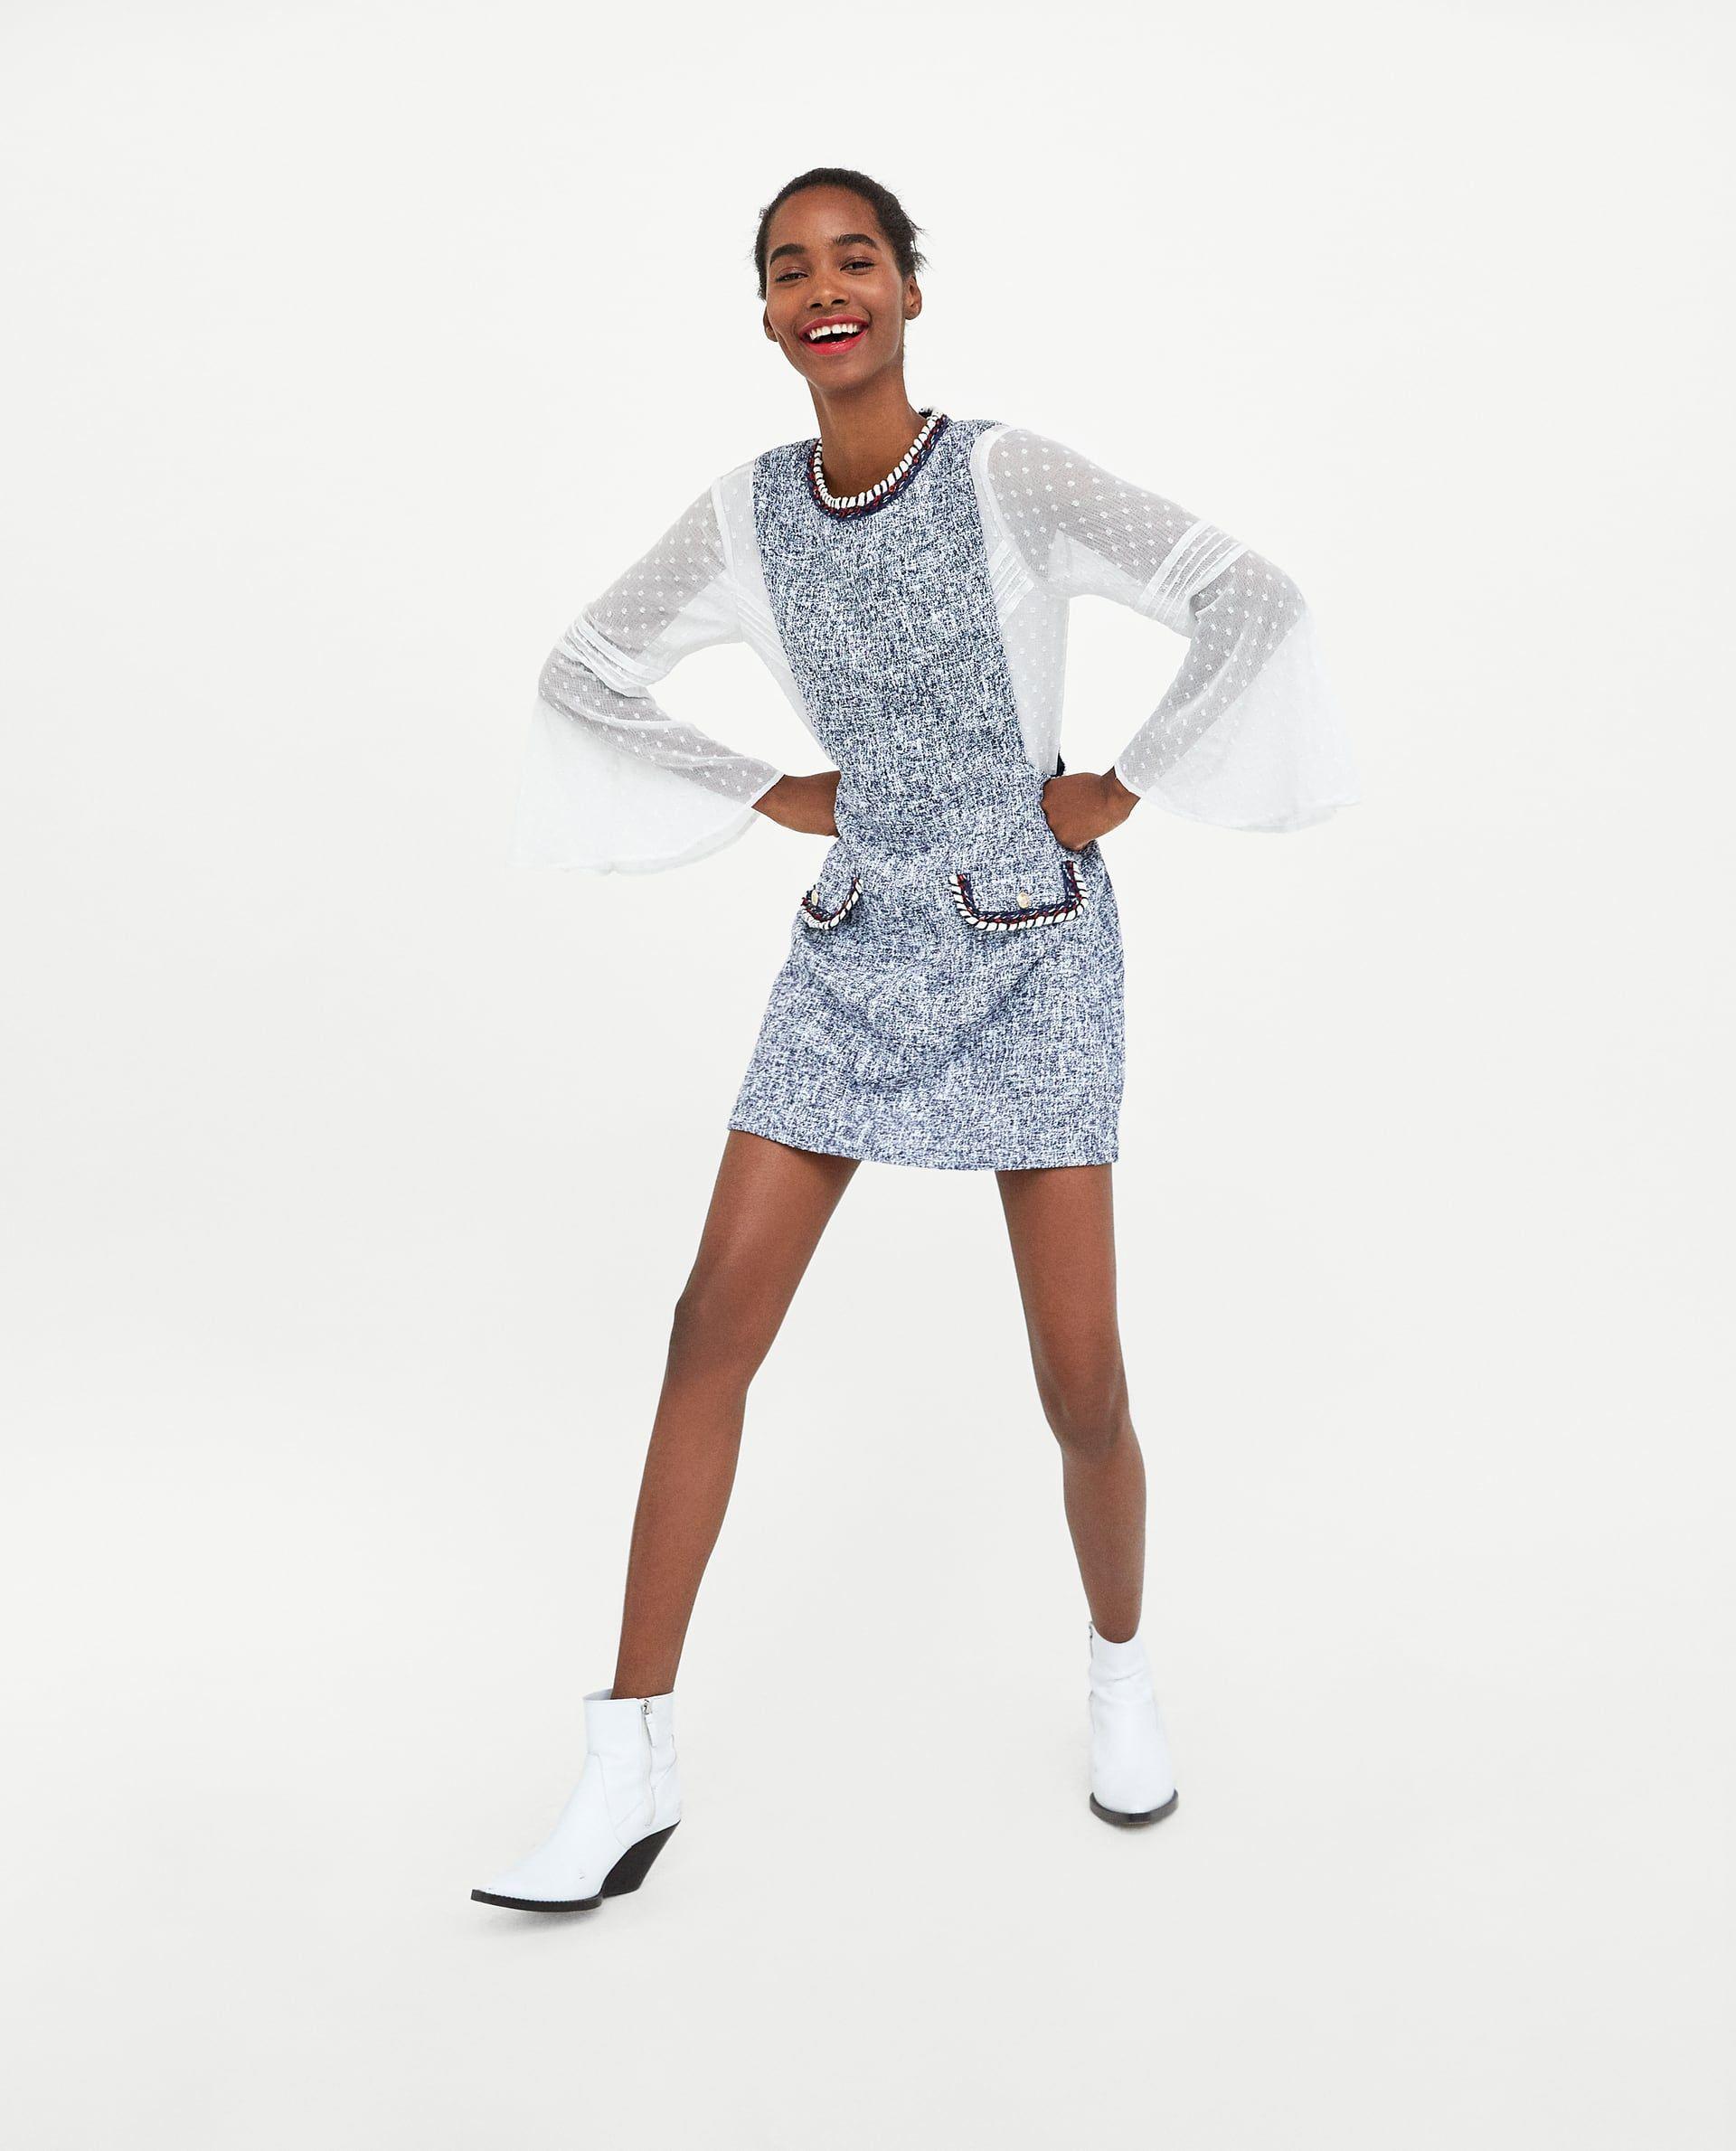 vendita più calda trova fattura moda VESTIDO JASPEADO | Zara | Vestiti, Zara e Donna